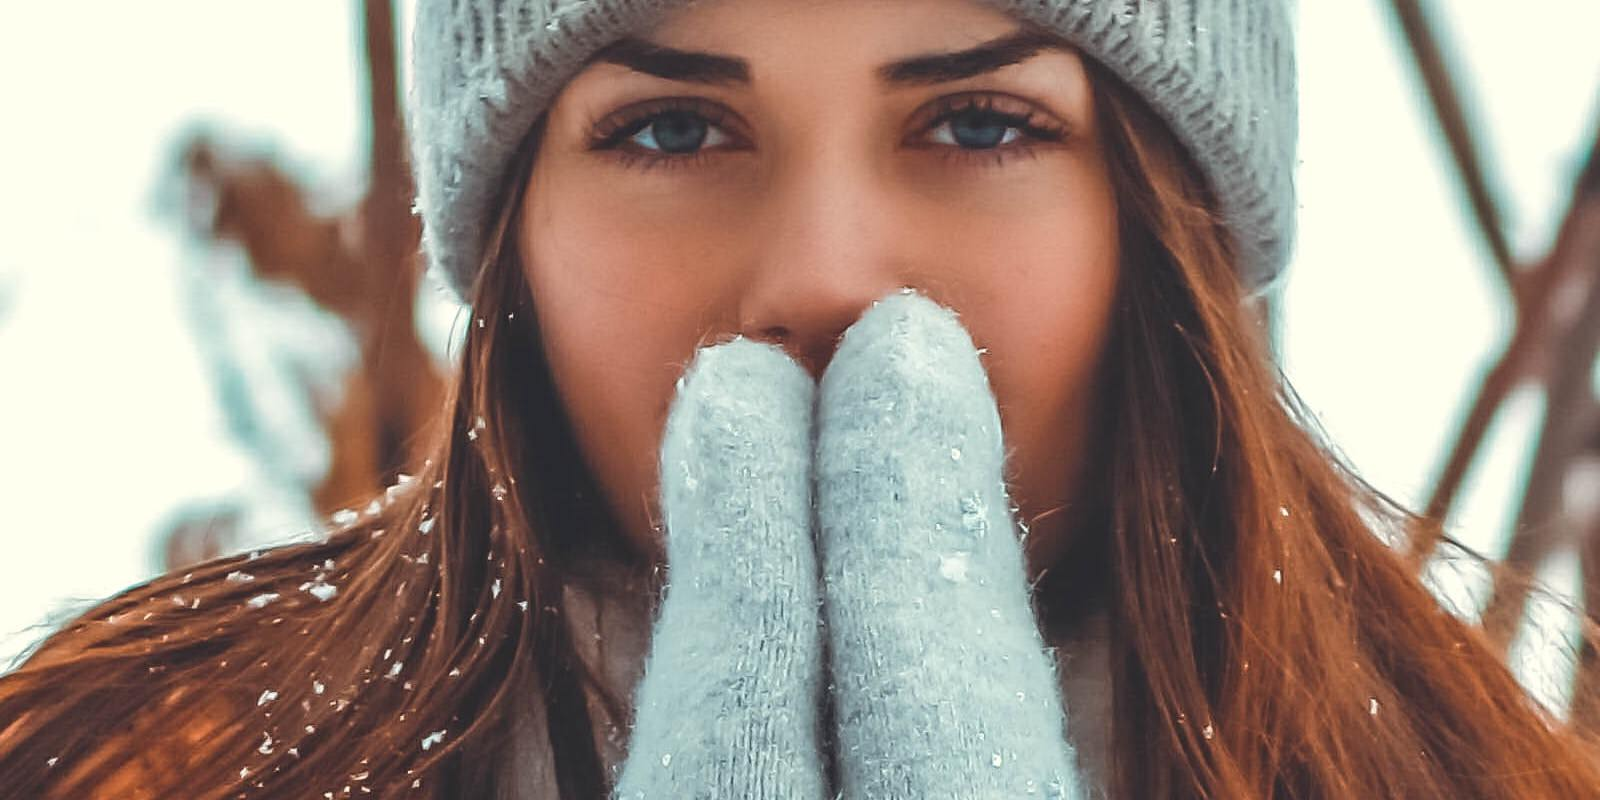 Erkältung Forsa Pericosa Händewaschen